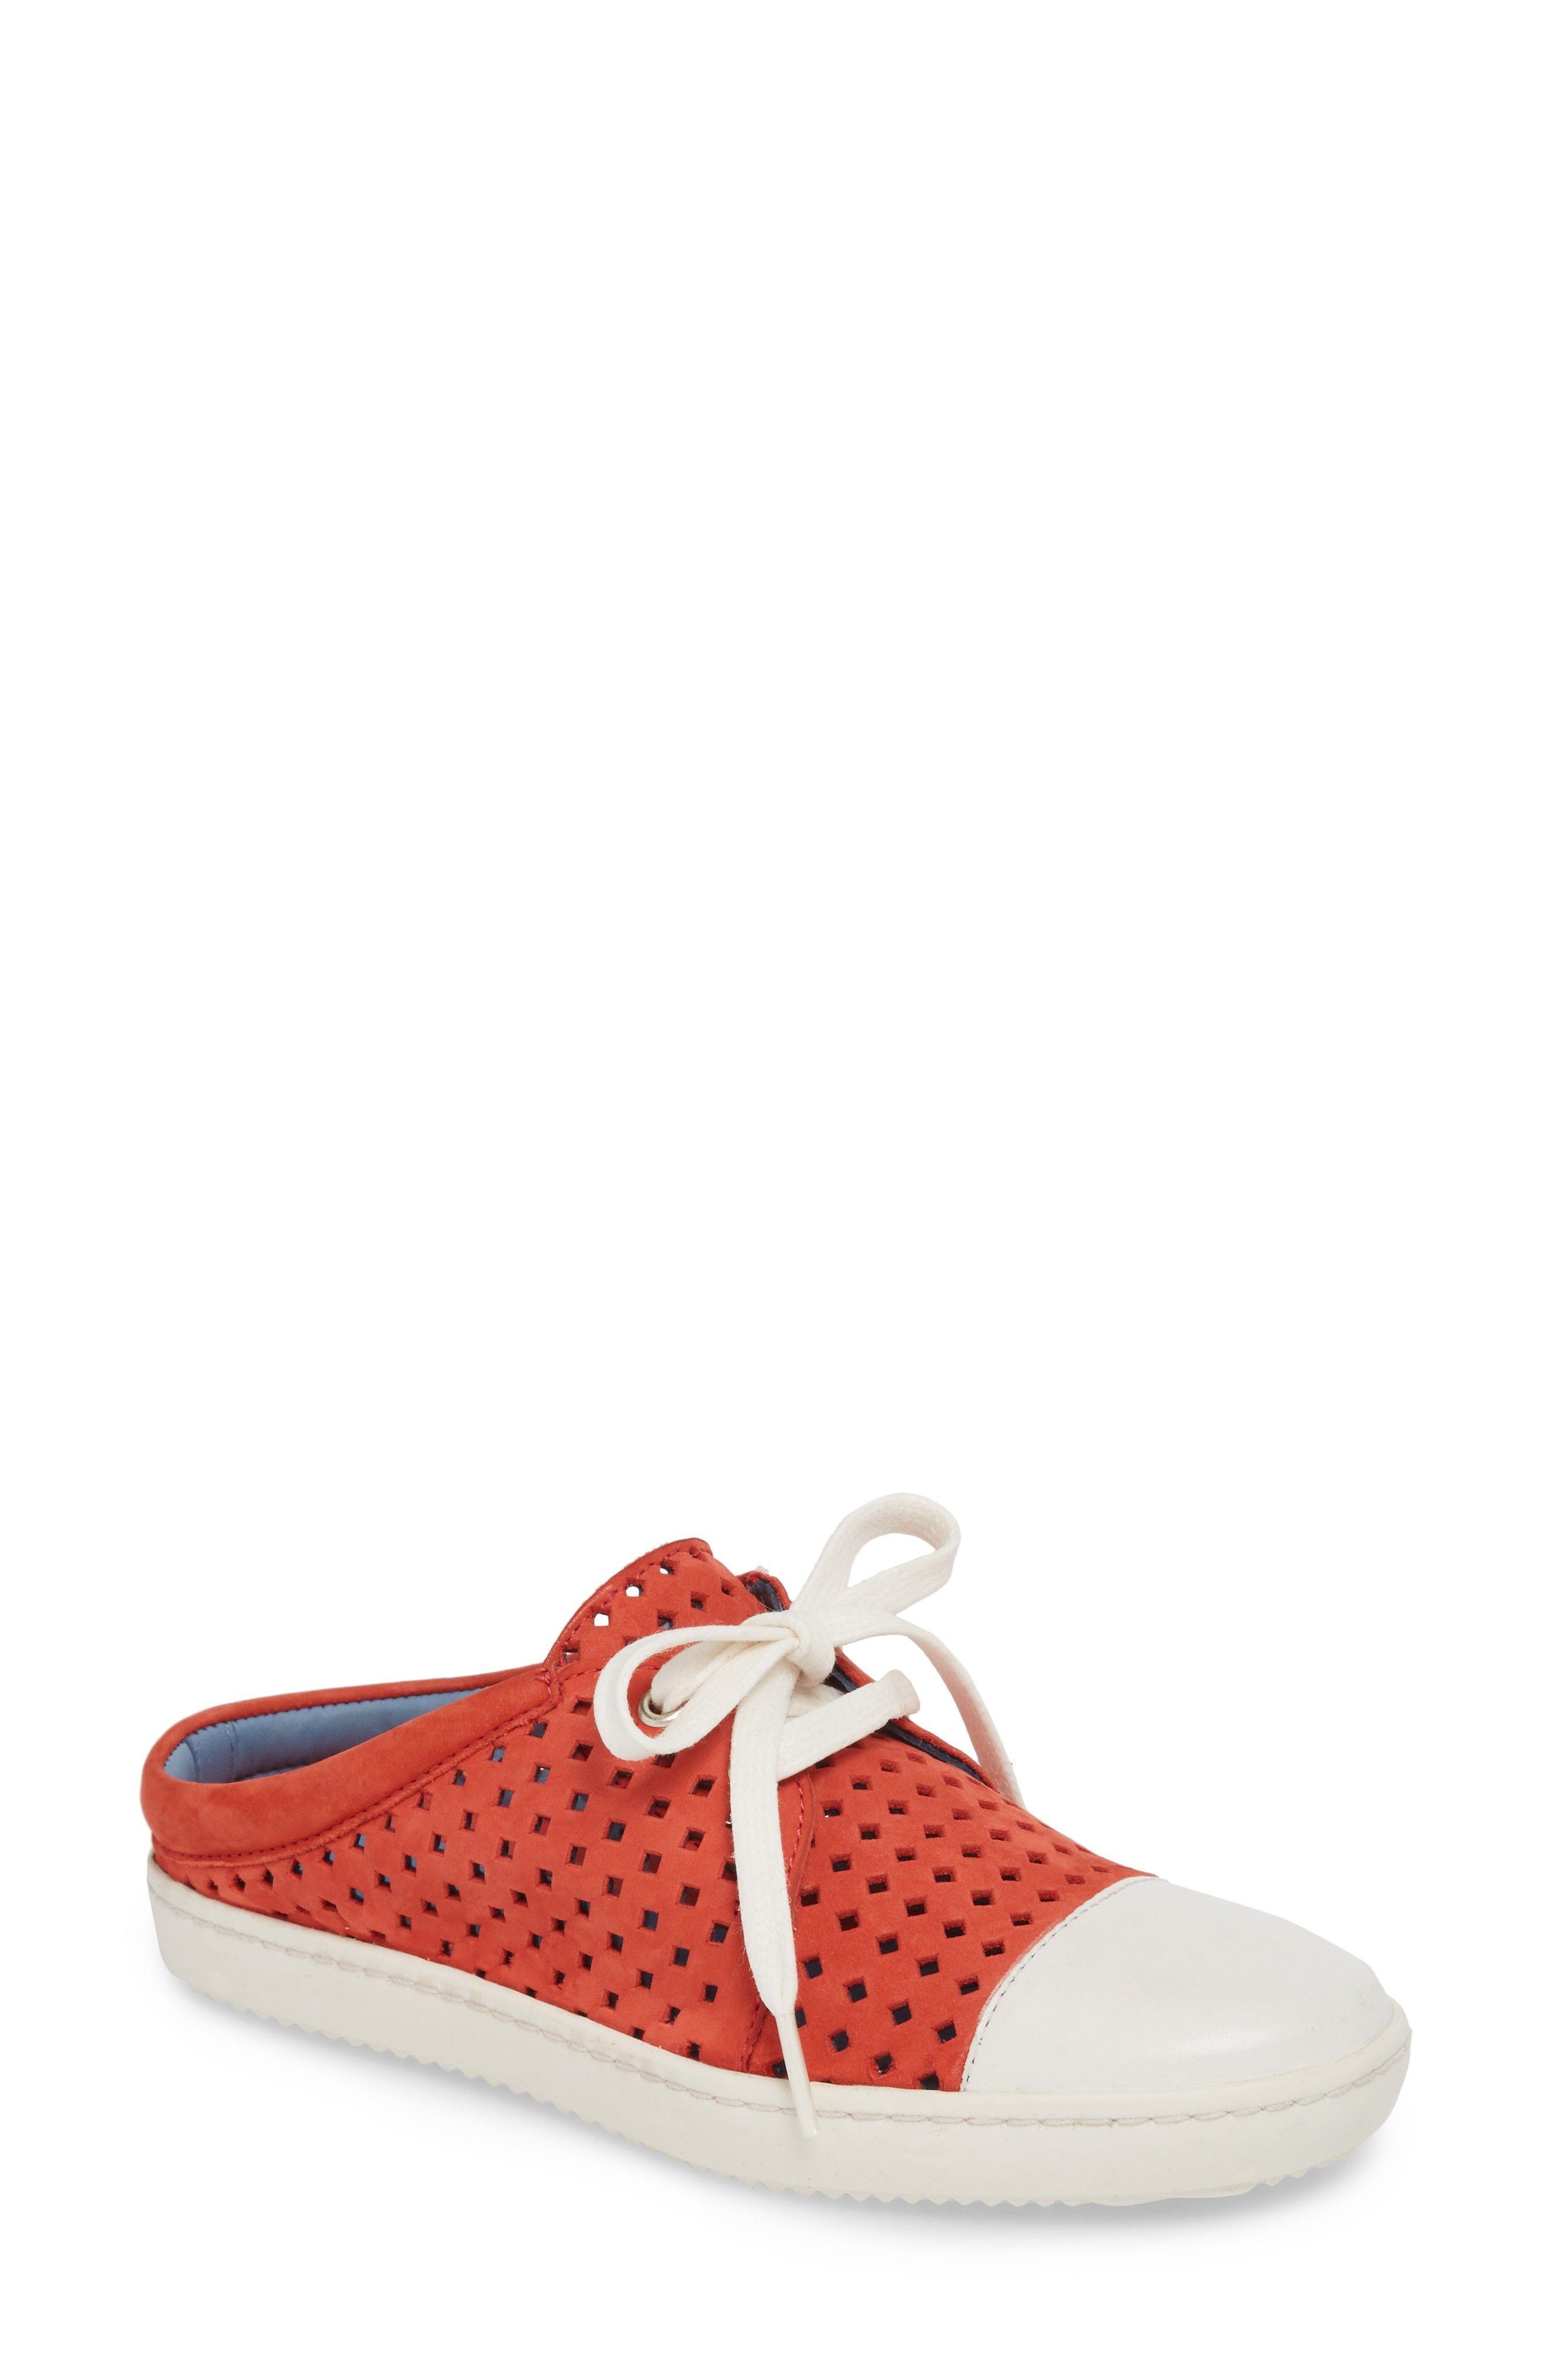 Robert Zur Women's Tippy Slip-On Sneaker IfyYEctop